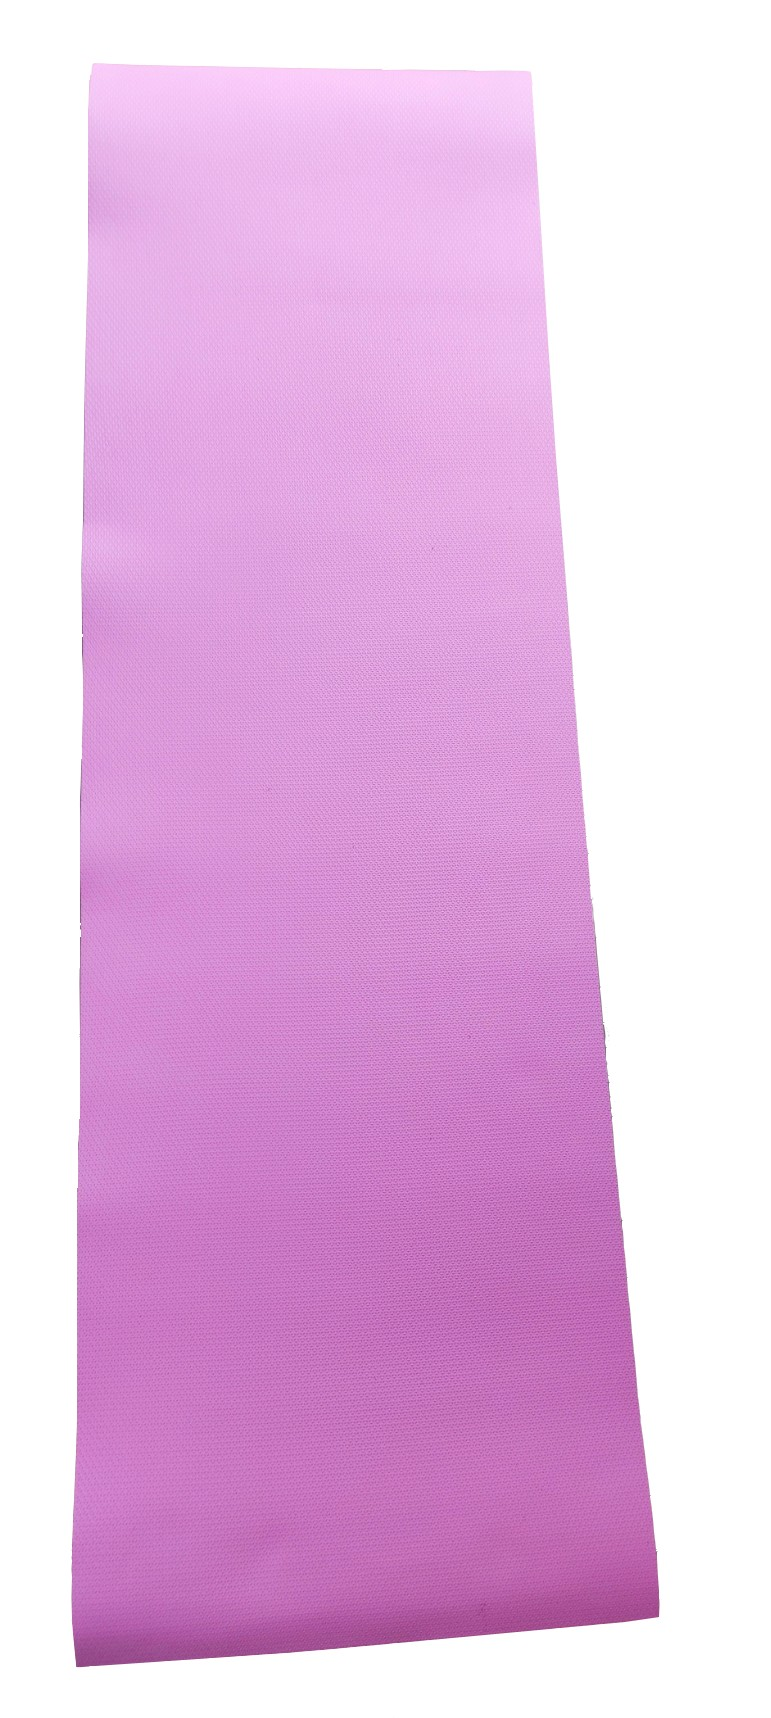 Colchonete Yoga - Tapete para yoga - Colchonete para exercícios - 5 mm X 1,80 m